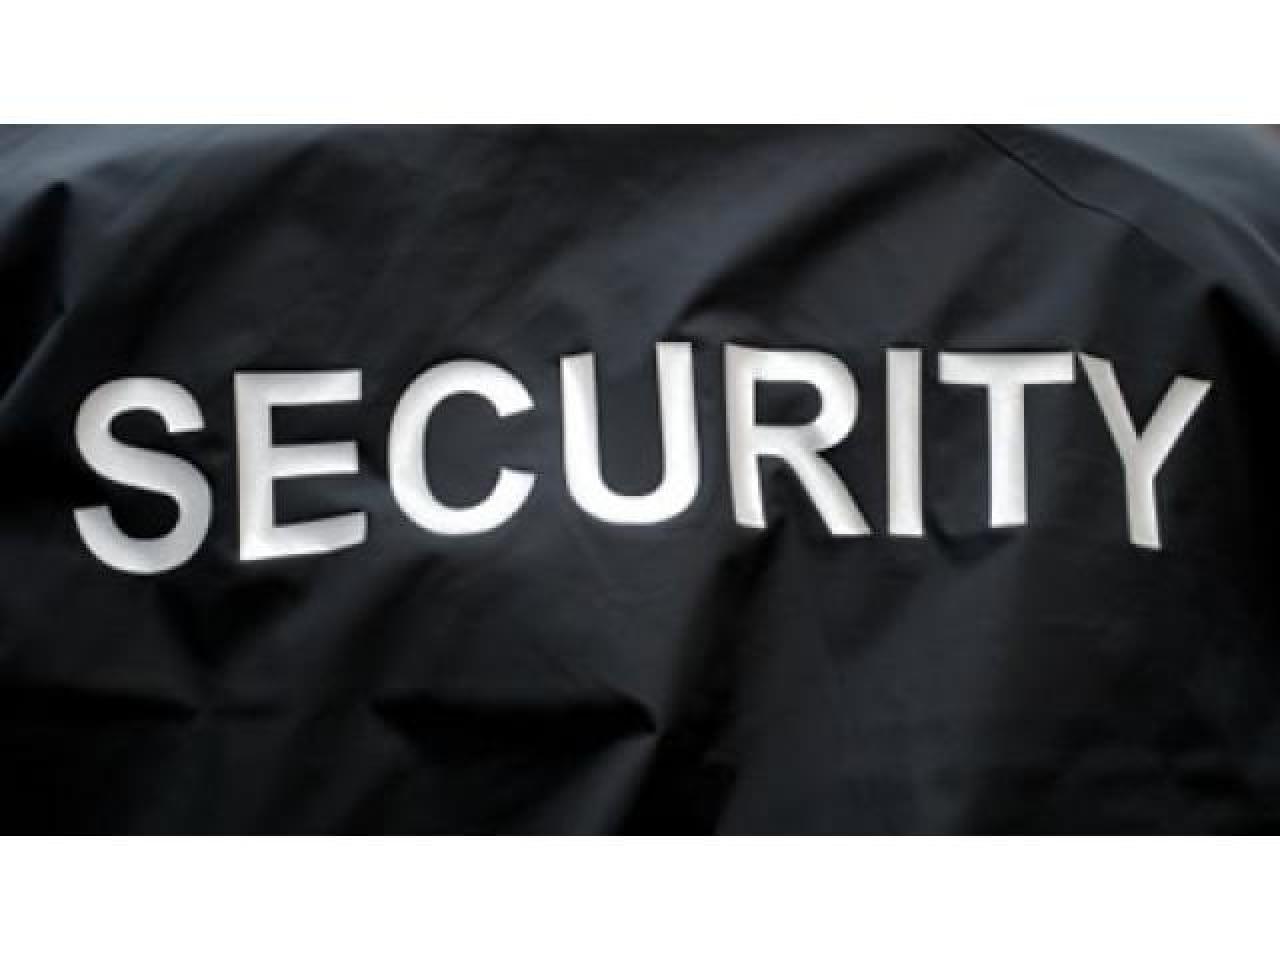 Security Company требуются мужчины и женщины на работу охранником,обучаем,помогаем получить лицензию - 1